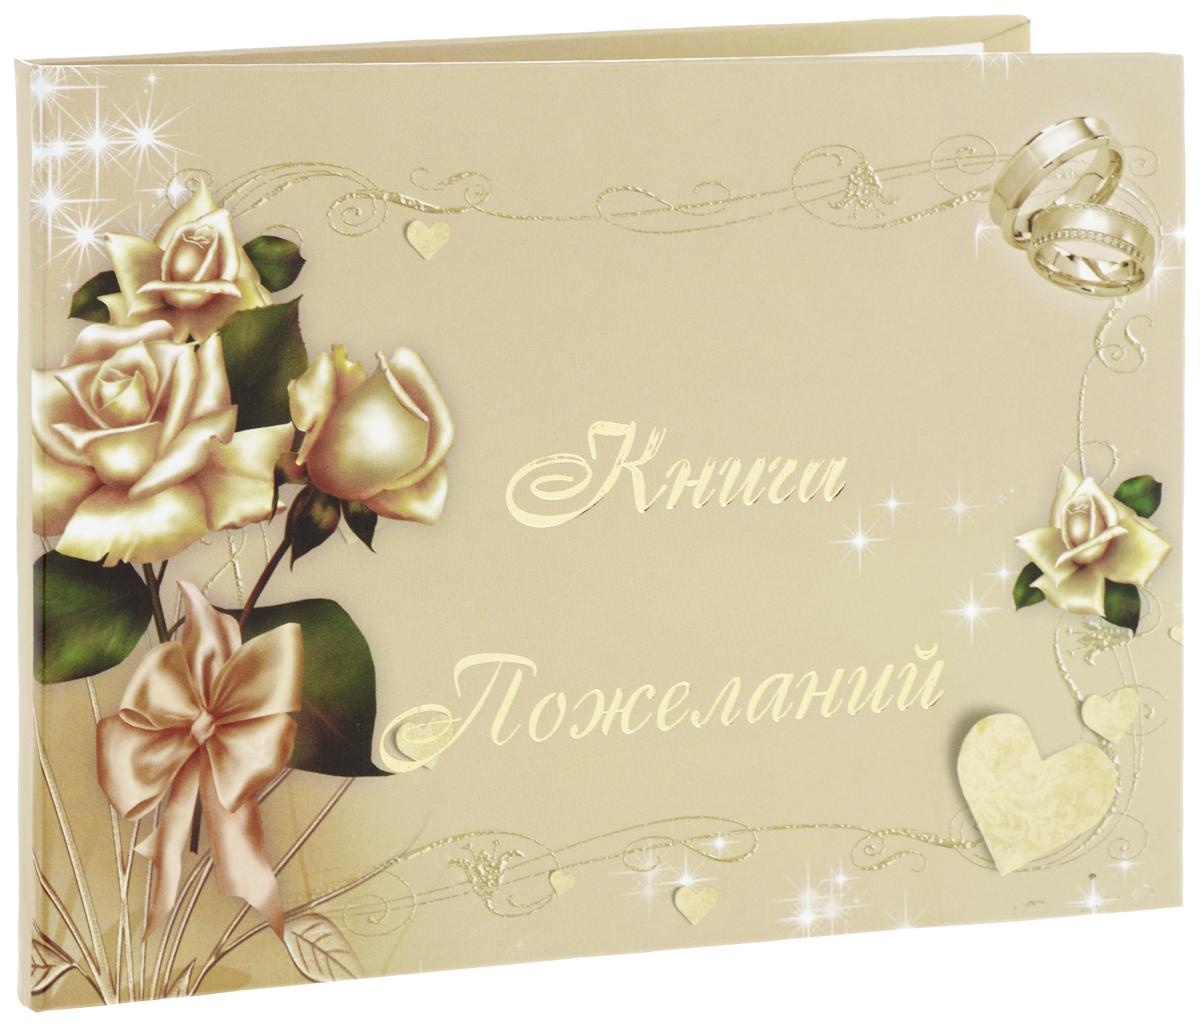 Книга пожеланий на свадьбу Принт Торг Золотая роза26.007Книга пожеланий на свадьбу Принт Торг Золотая роза прекрасно подойдет для записи пожеланий и напутствий новобрачным. Обложка из плотного картона оформлена надписью с тиснением. Внутри содержится блок на пружинке с листами белого цвета. На каждой странице имеется два разлинованных столбца, где можно написать свое имя, а напротив пожелание молодоженам. Оригинальный свадебный аксессуар сохранит все искренние пожелания ваших друзей и близких на своих страницах.